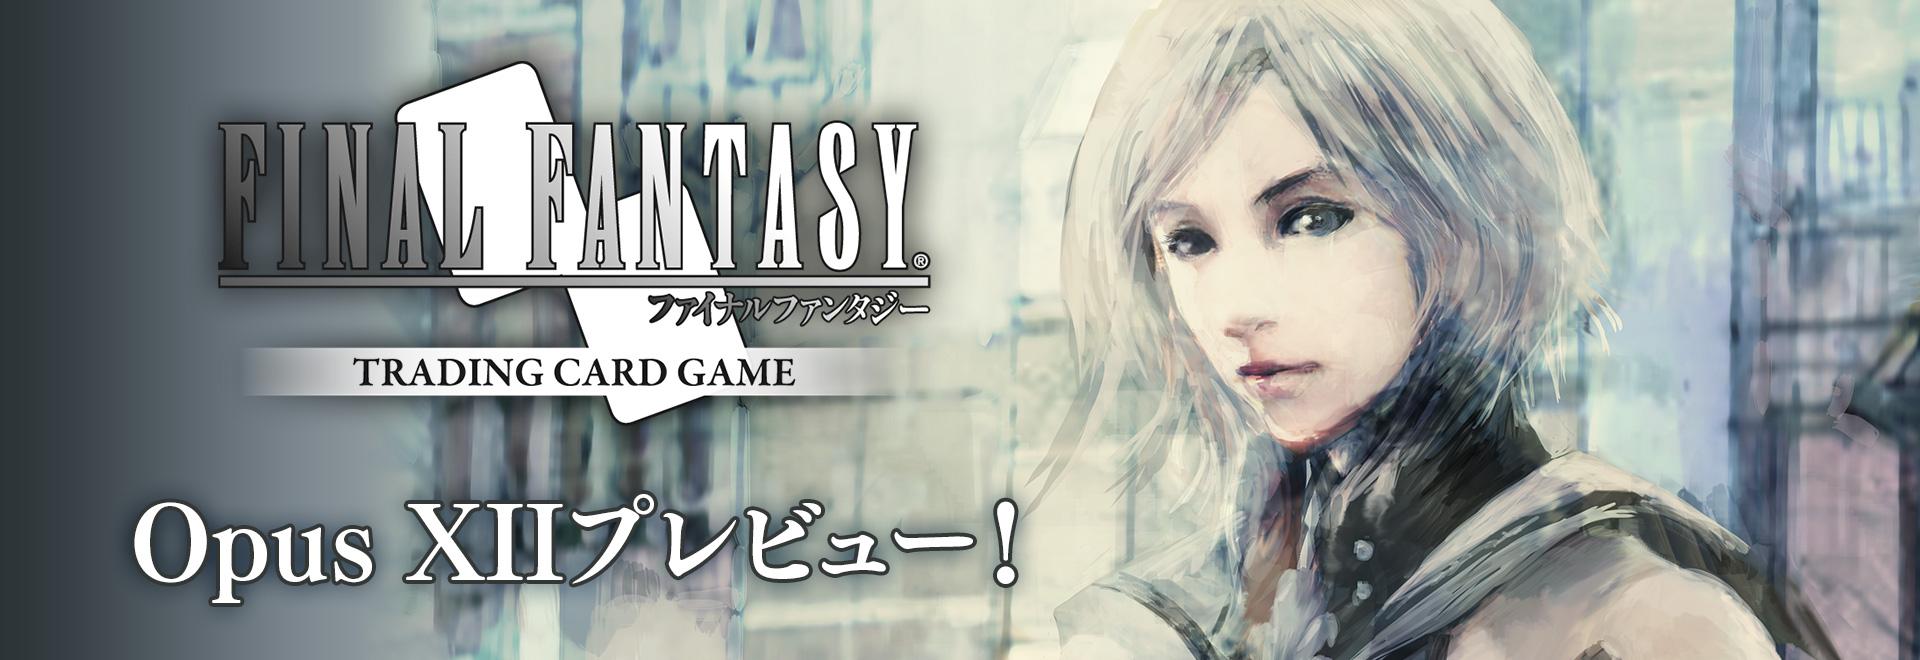 Bn 2010 topics fftcg jp